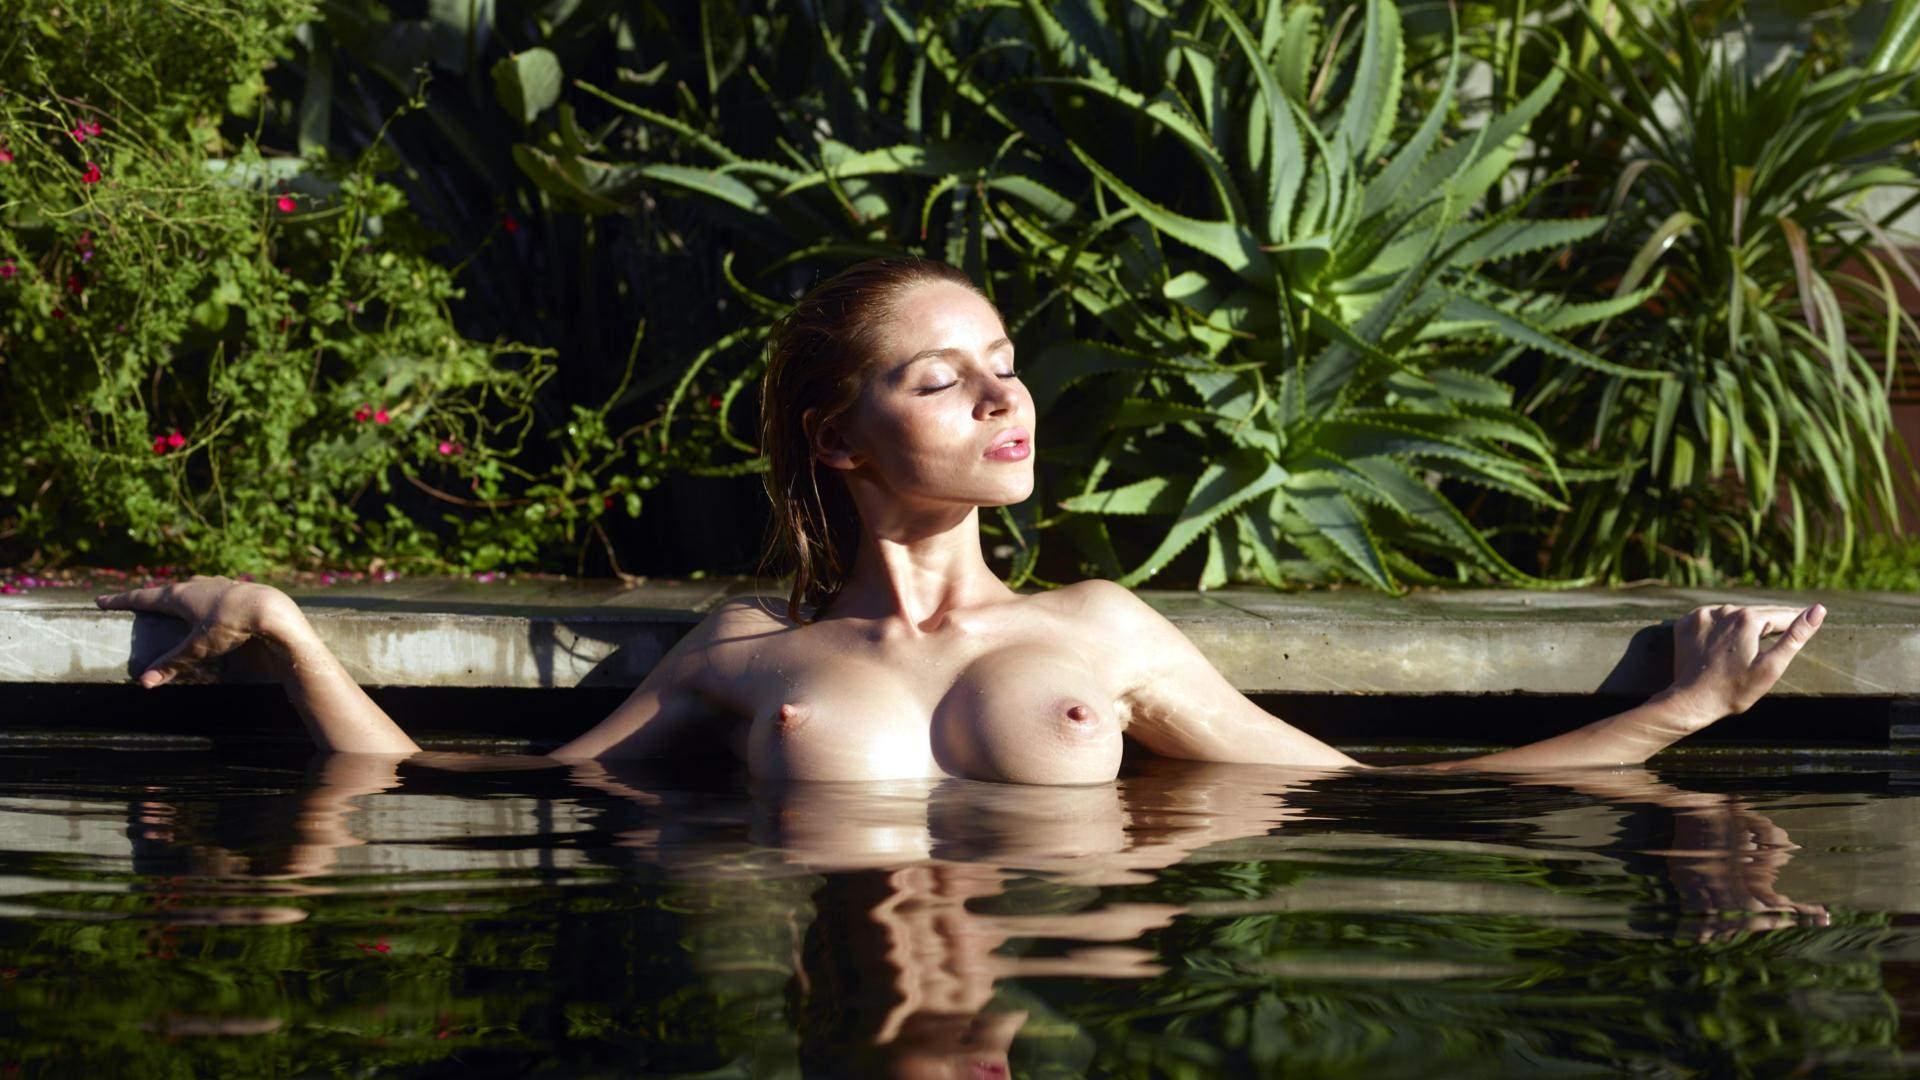 Фото Обнаженная девушка наслаждается купанием в бассейне, сад, мокрые красивые сиськи вылезли из воды, скачать картинку бесплатно